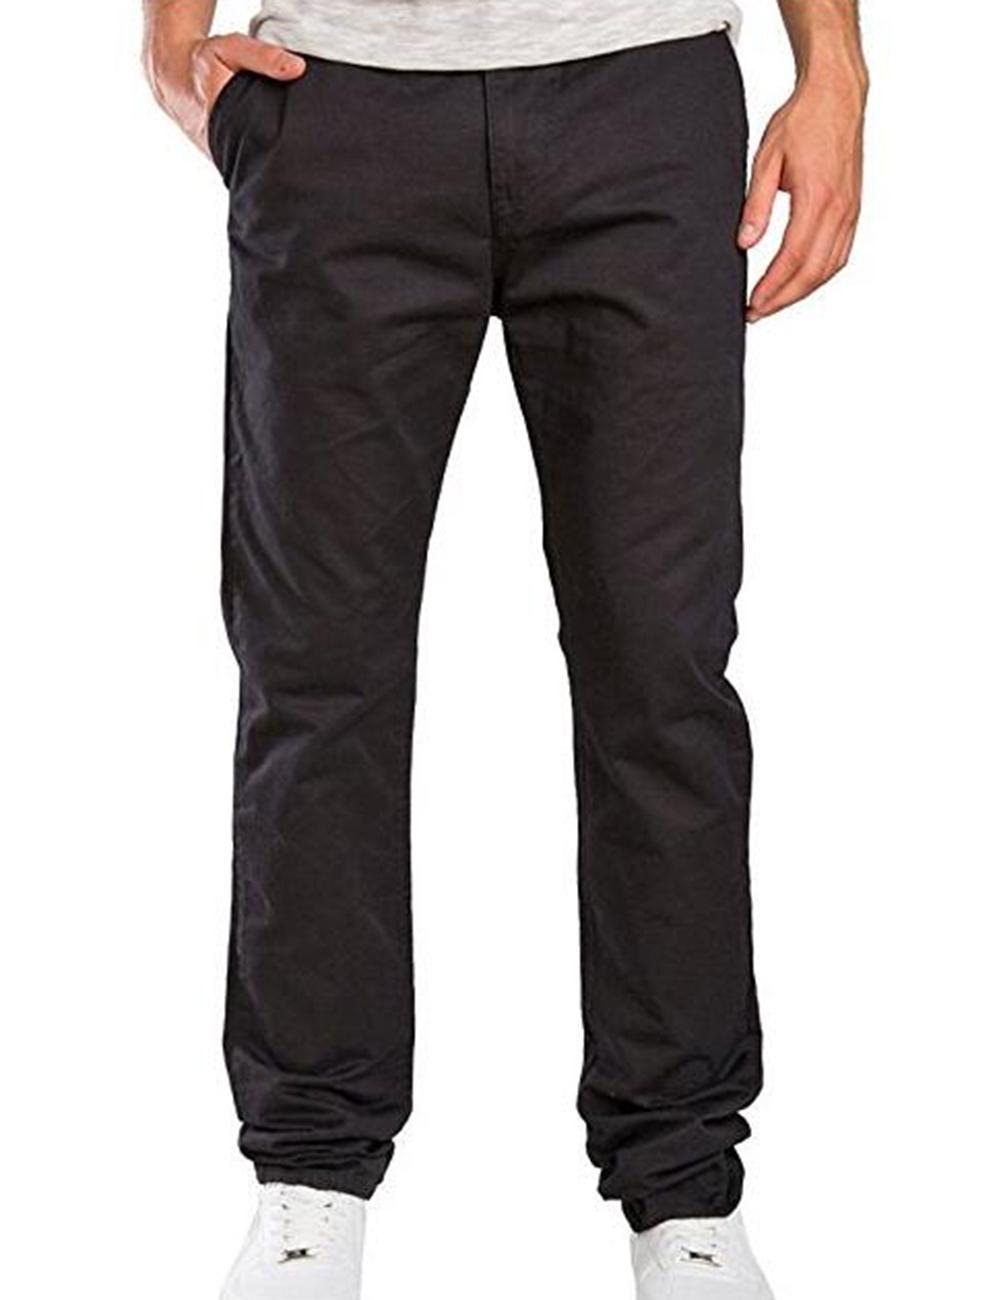 Fashionable Men Solid Color Trousers Business Straight-leg Pants Casual Cotton Pants black_L